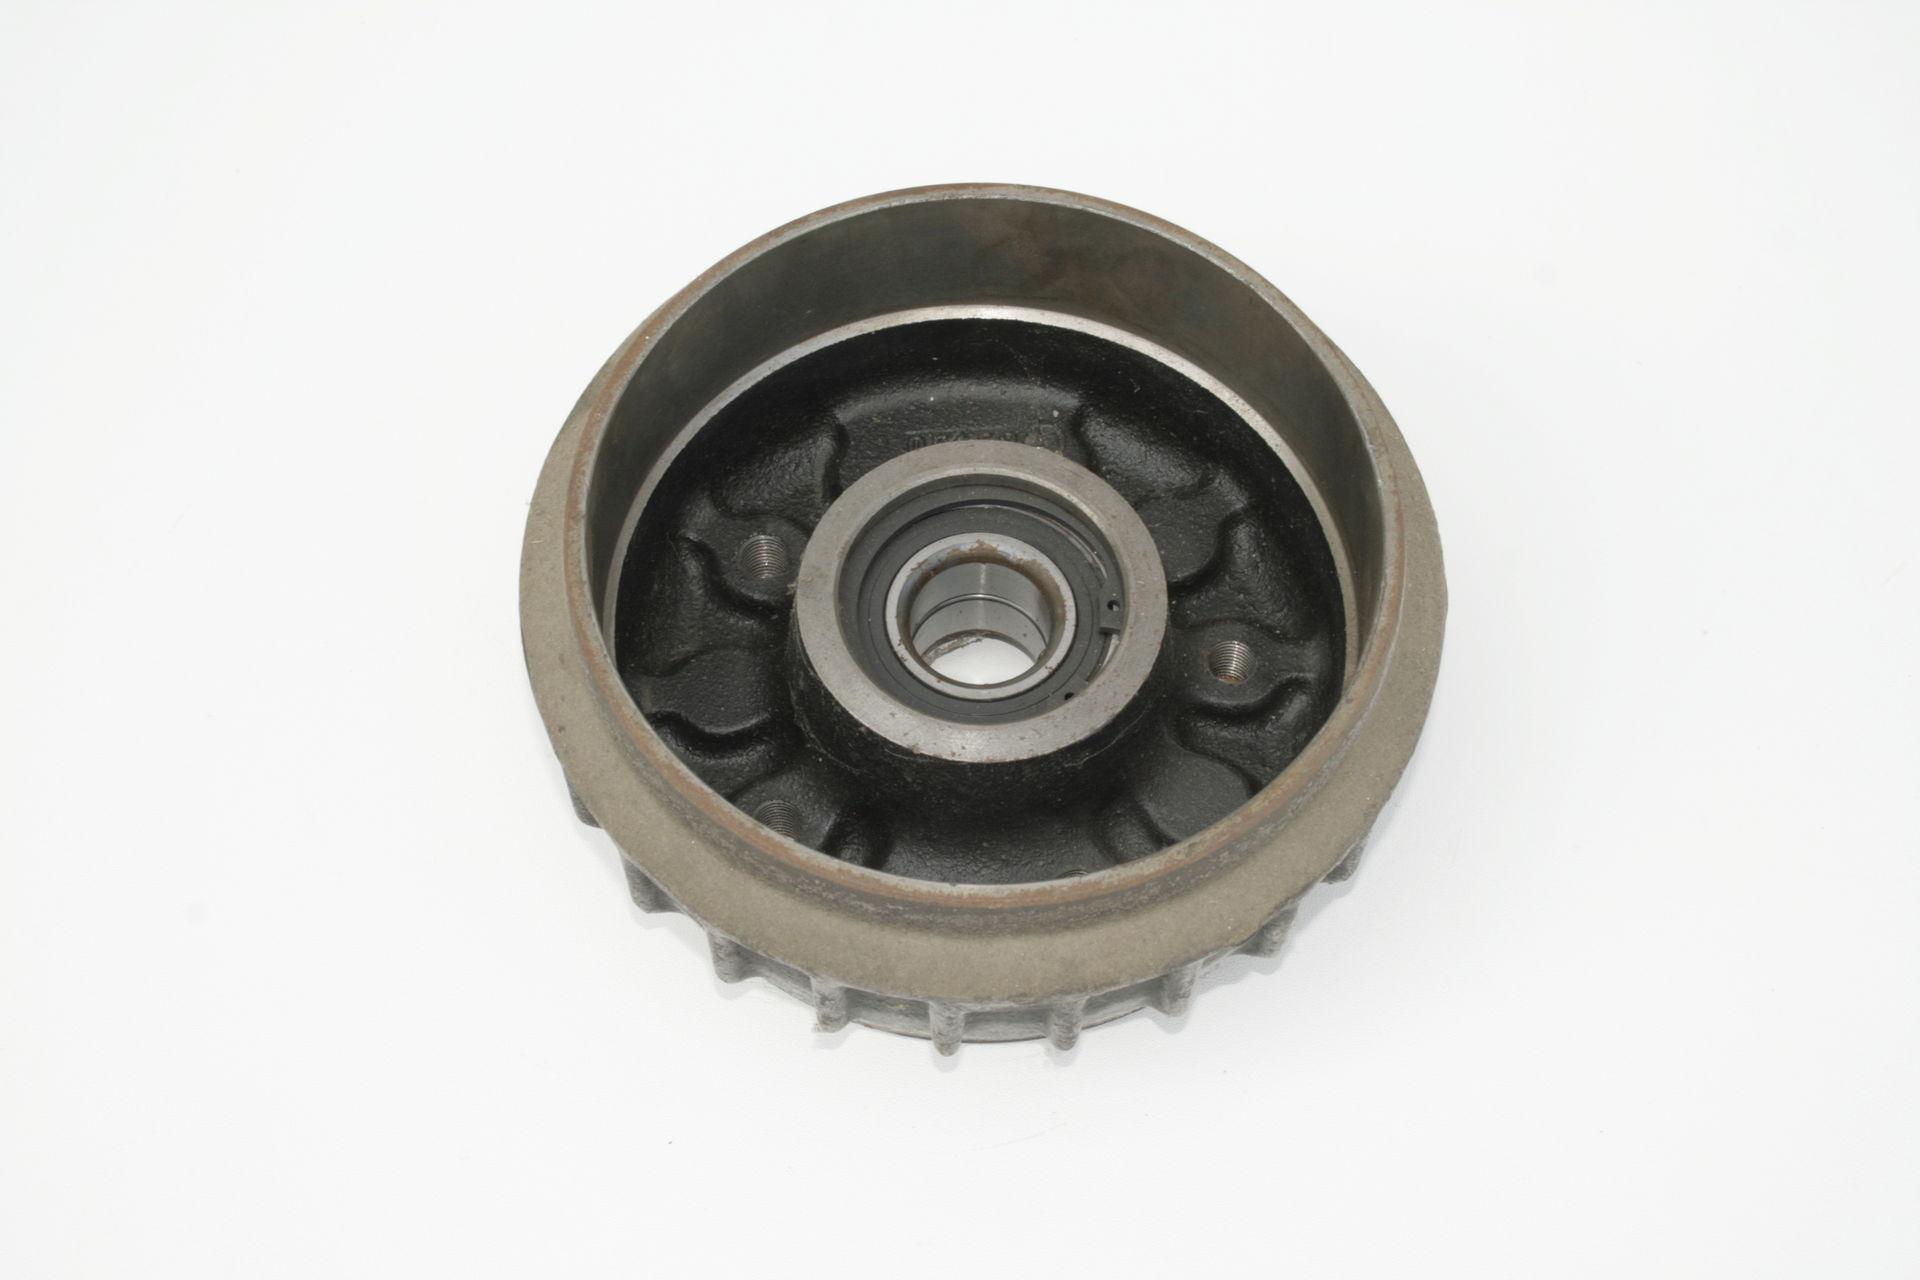 Brzdový buben AL-KO pr. 160 mm